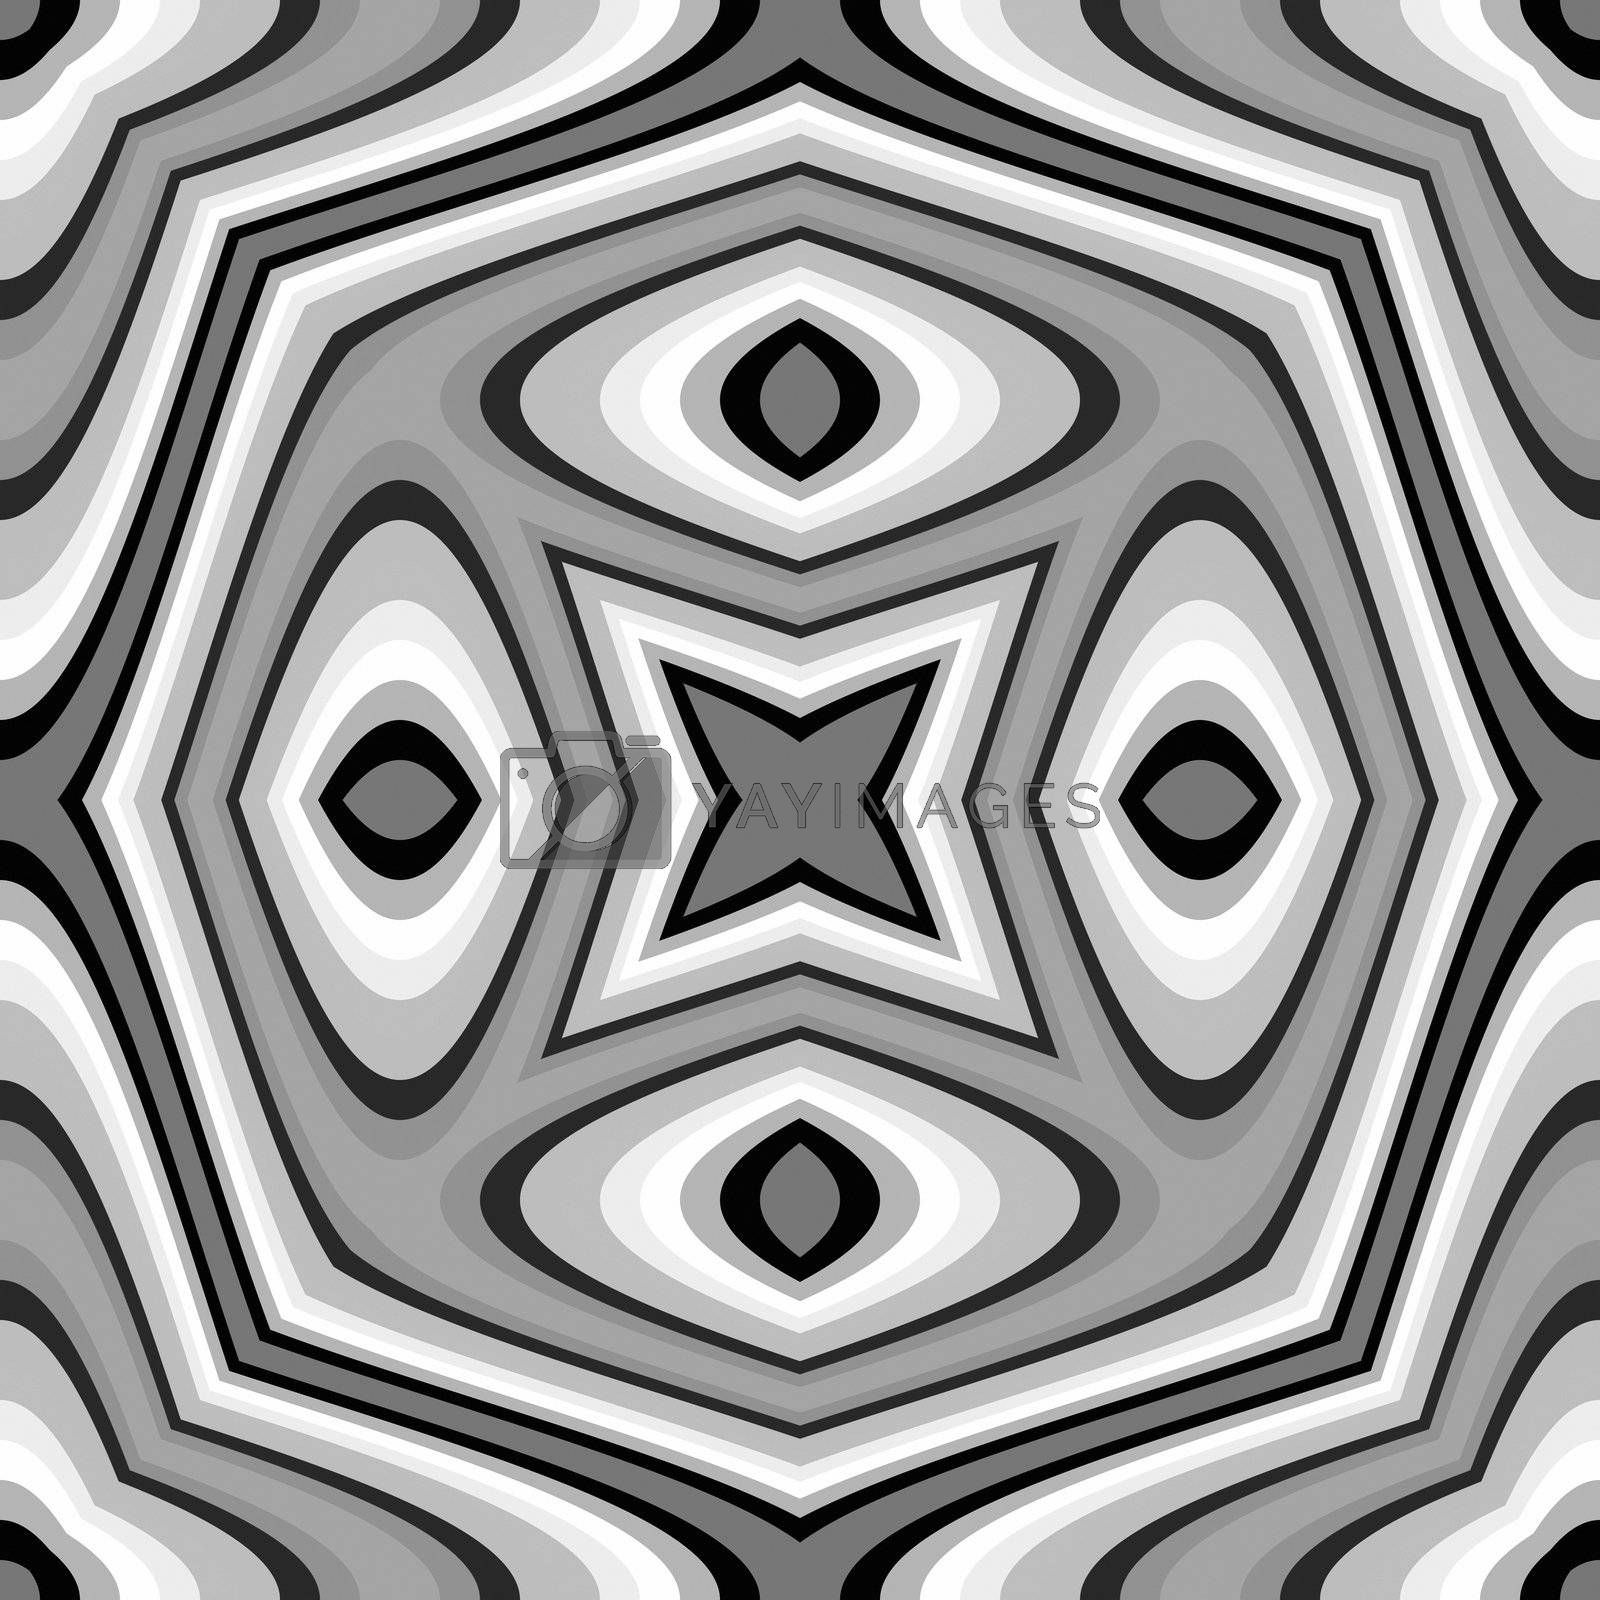 seamless mandala shape in black and white